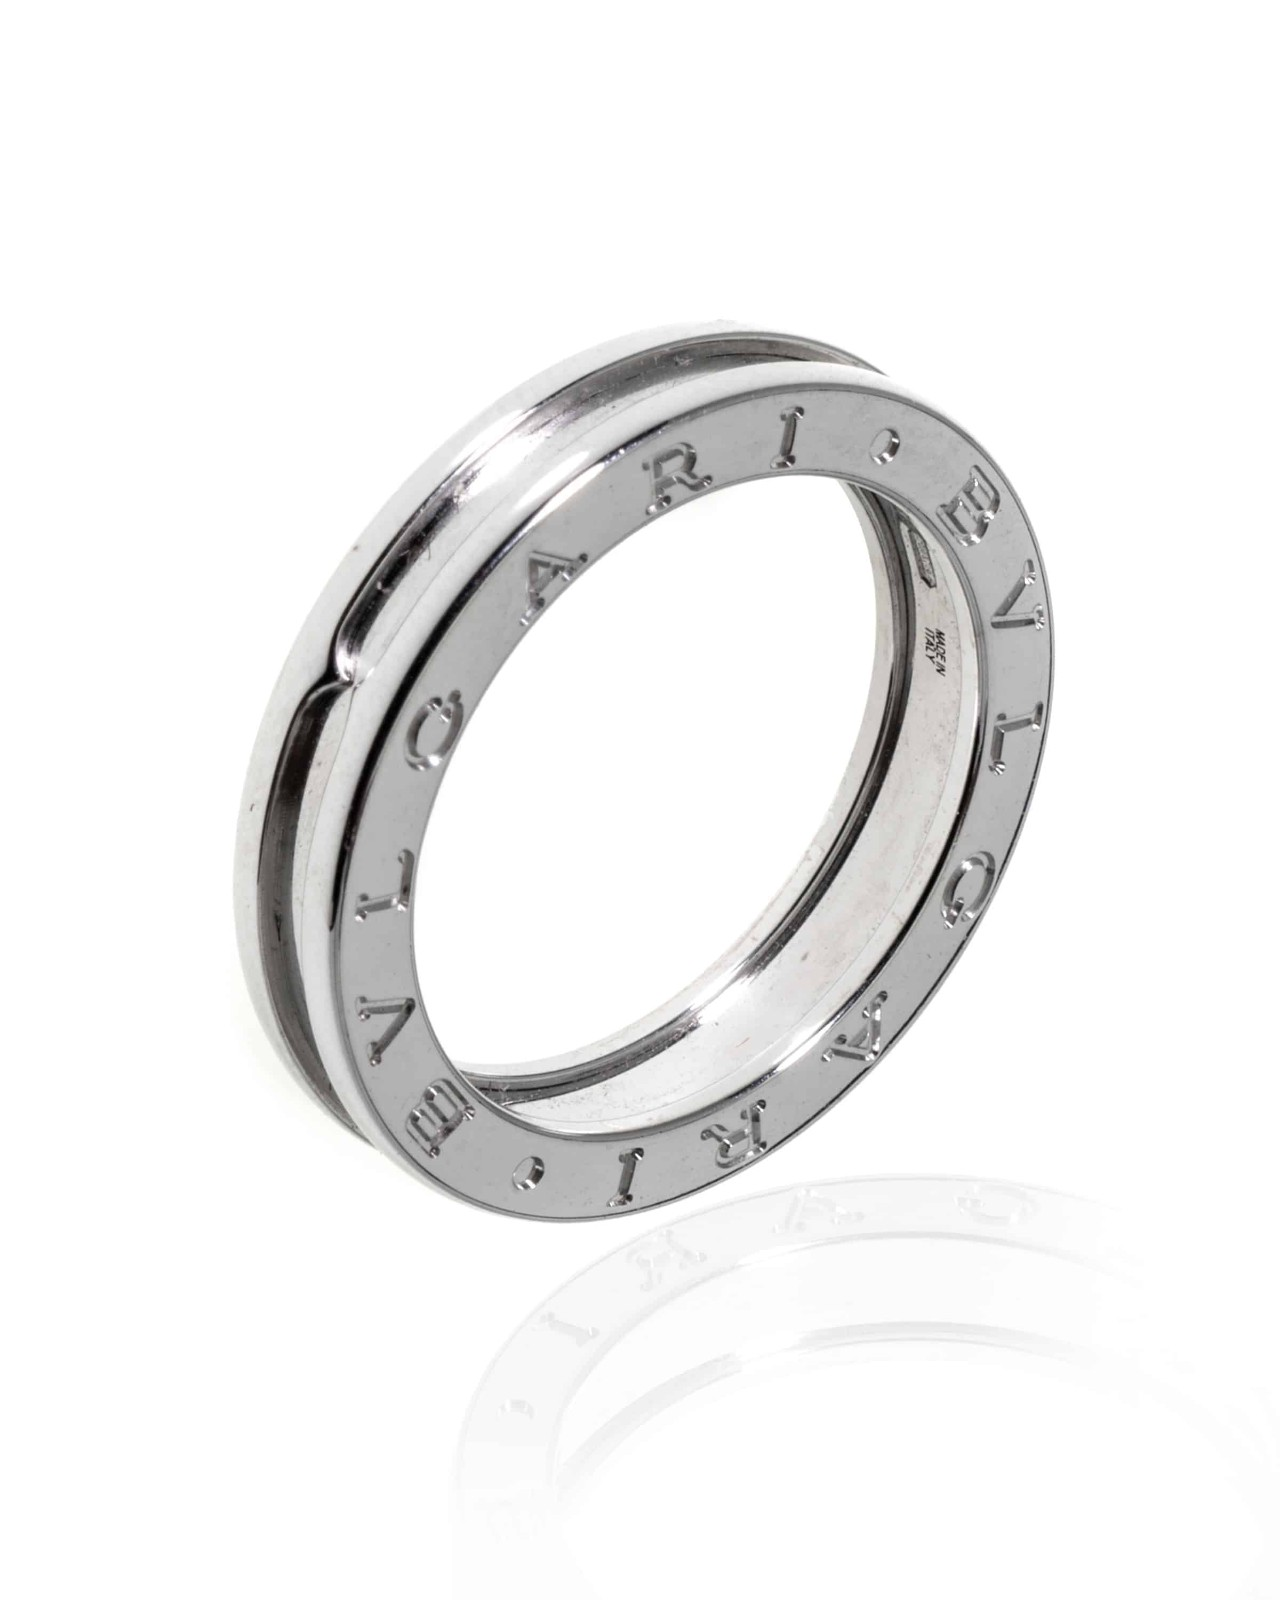 Bvlgari B Zero AN852423 18k白金戒指